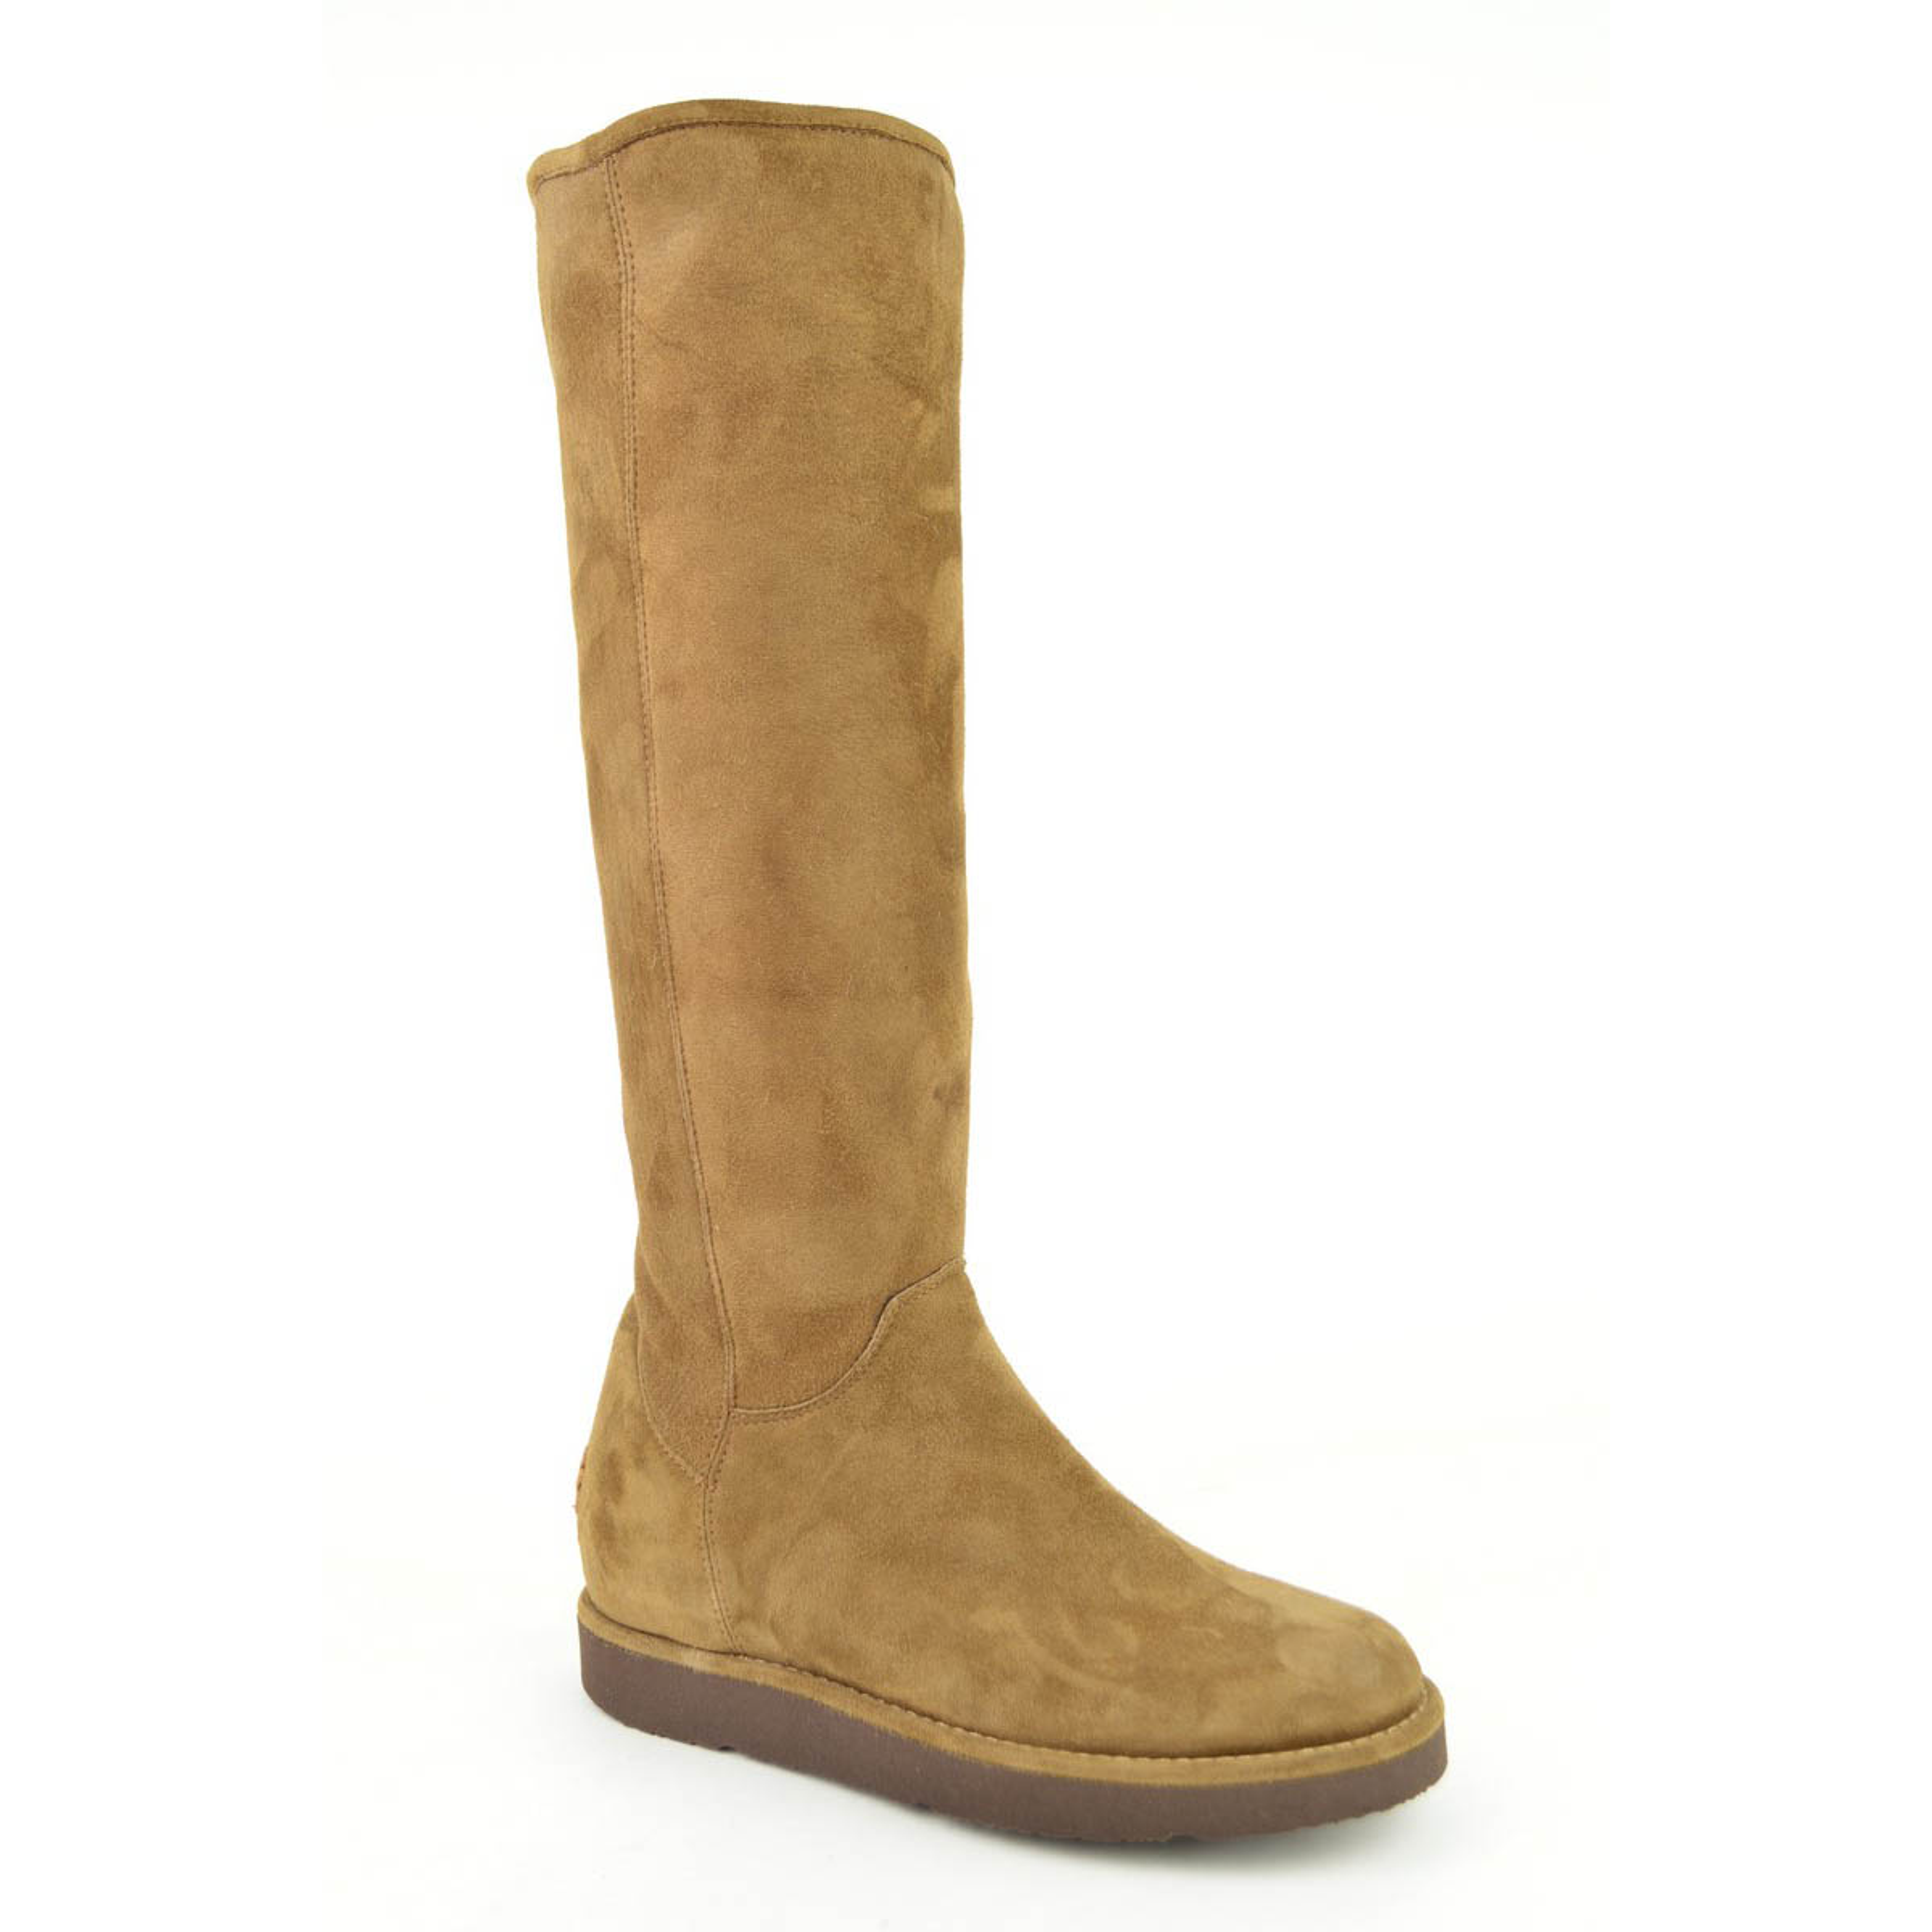 801060460df Ugg carmela online bestellen oxener schoenen png 2000x2000 Ugg carmela